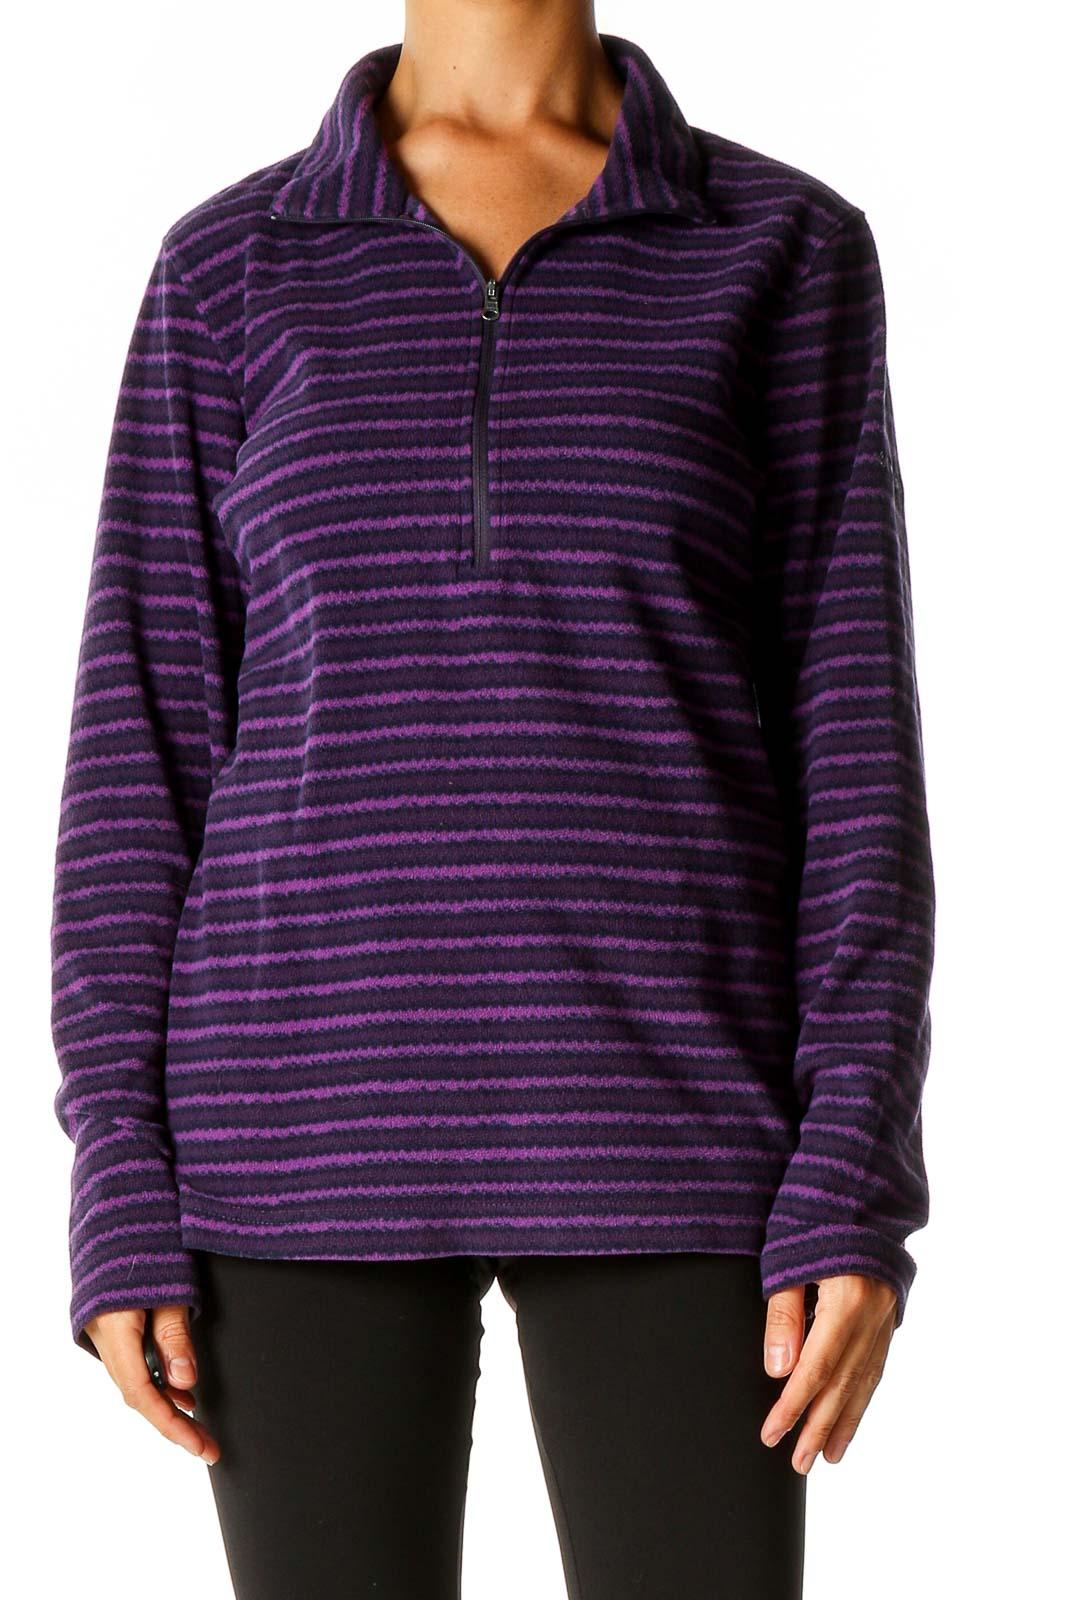 Purple Striped Sweatshirt Front